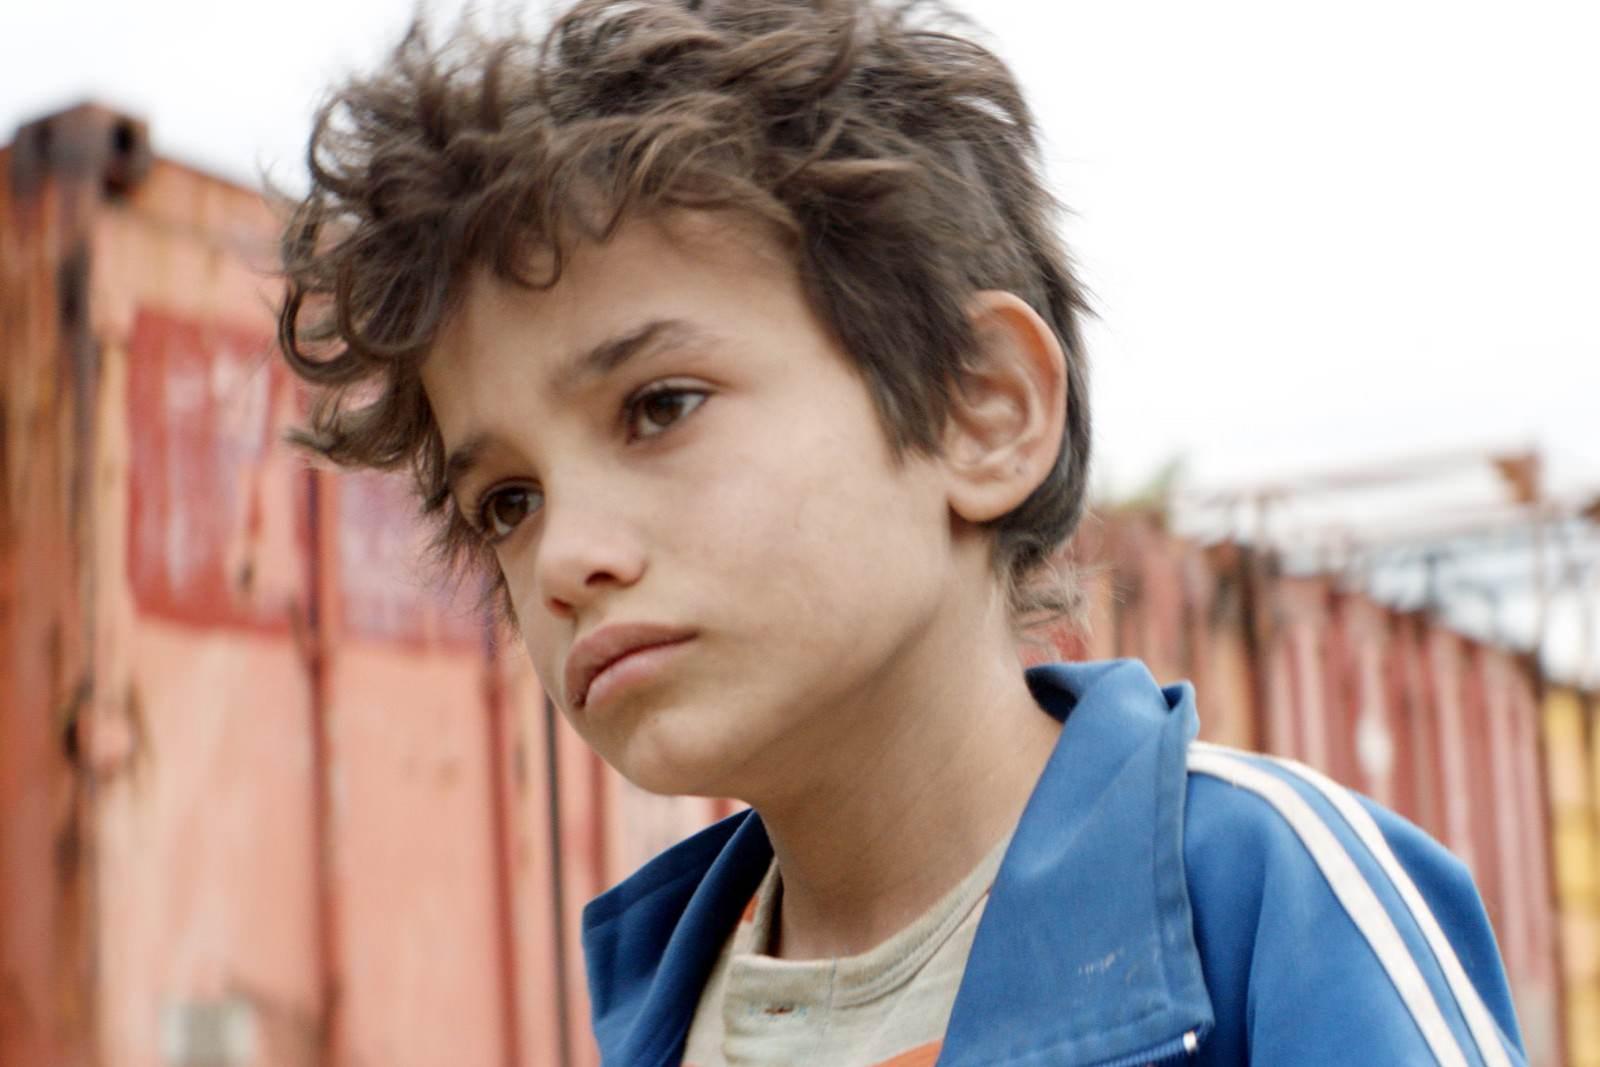 Movie, كفرناحوم(黎巴嫩, 2018年) / 我想有個家(台灣) / Capharnaum(英文) / 迦百农(網路), 電影角色與演員介紹